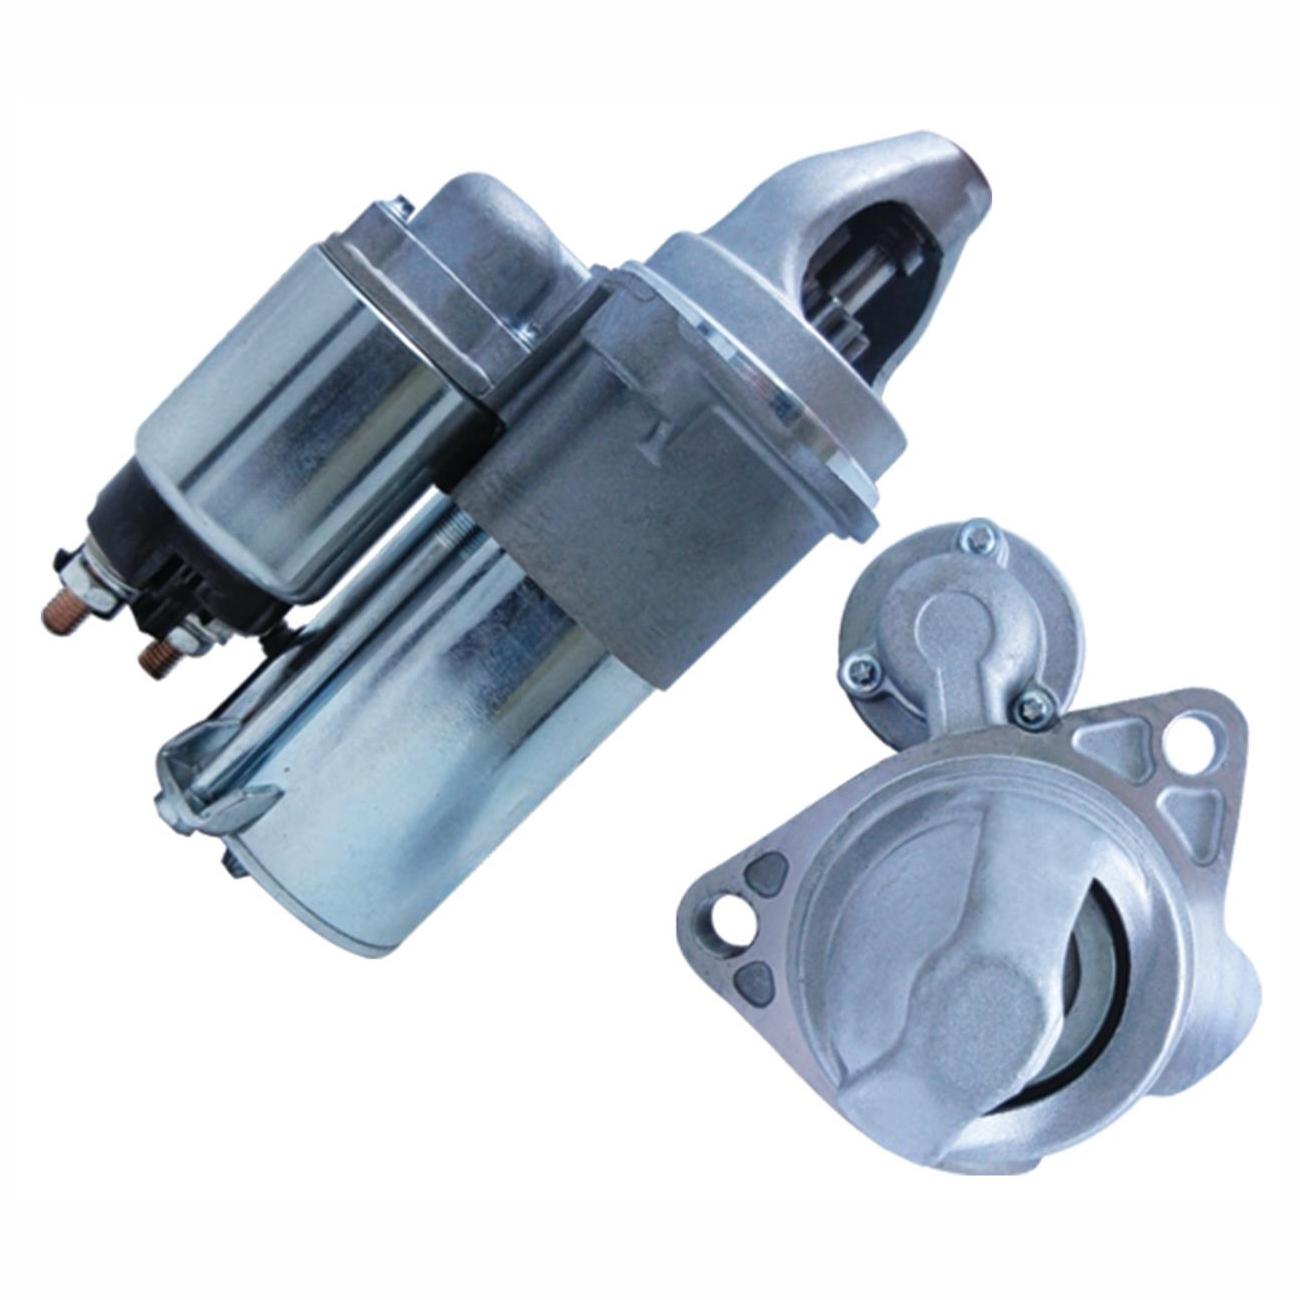 Motor de Partida CAPTIVA COBALT 16V - Sistema DELCO REMY (EU